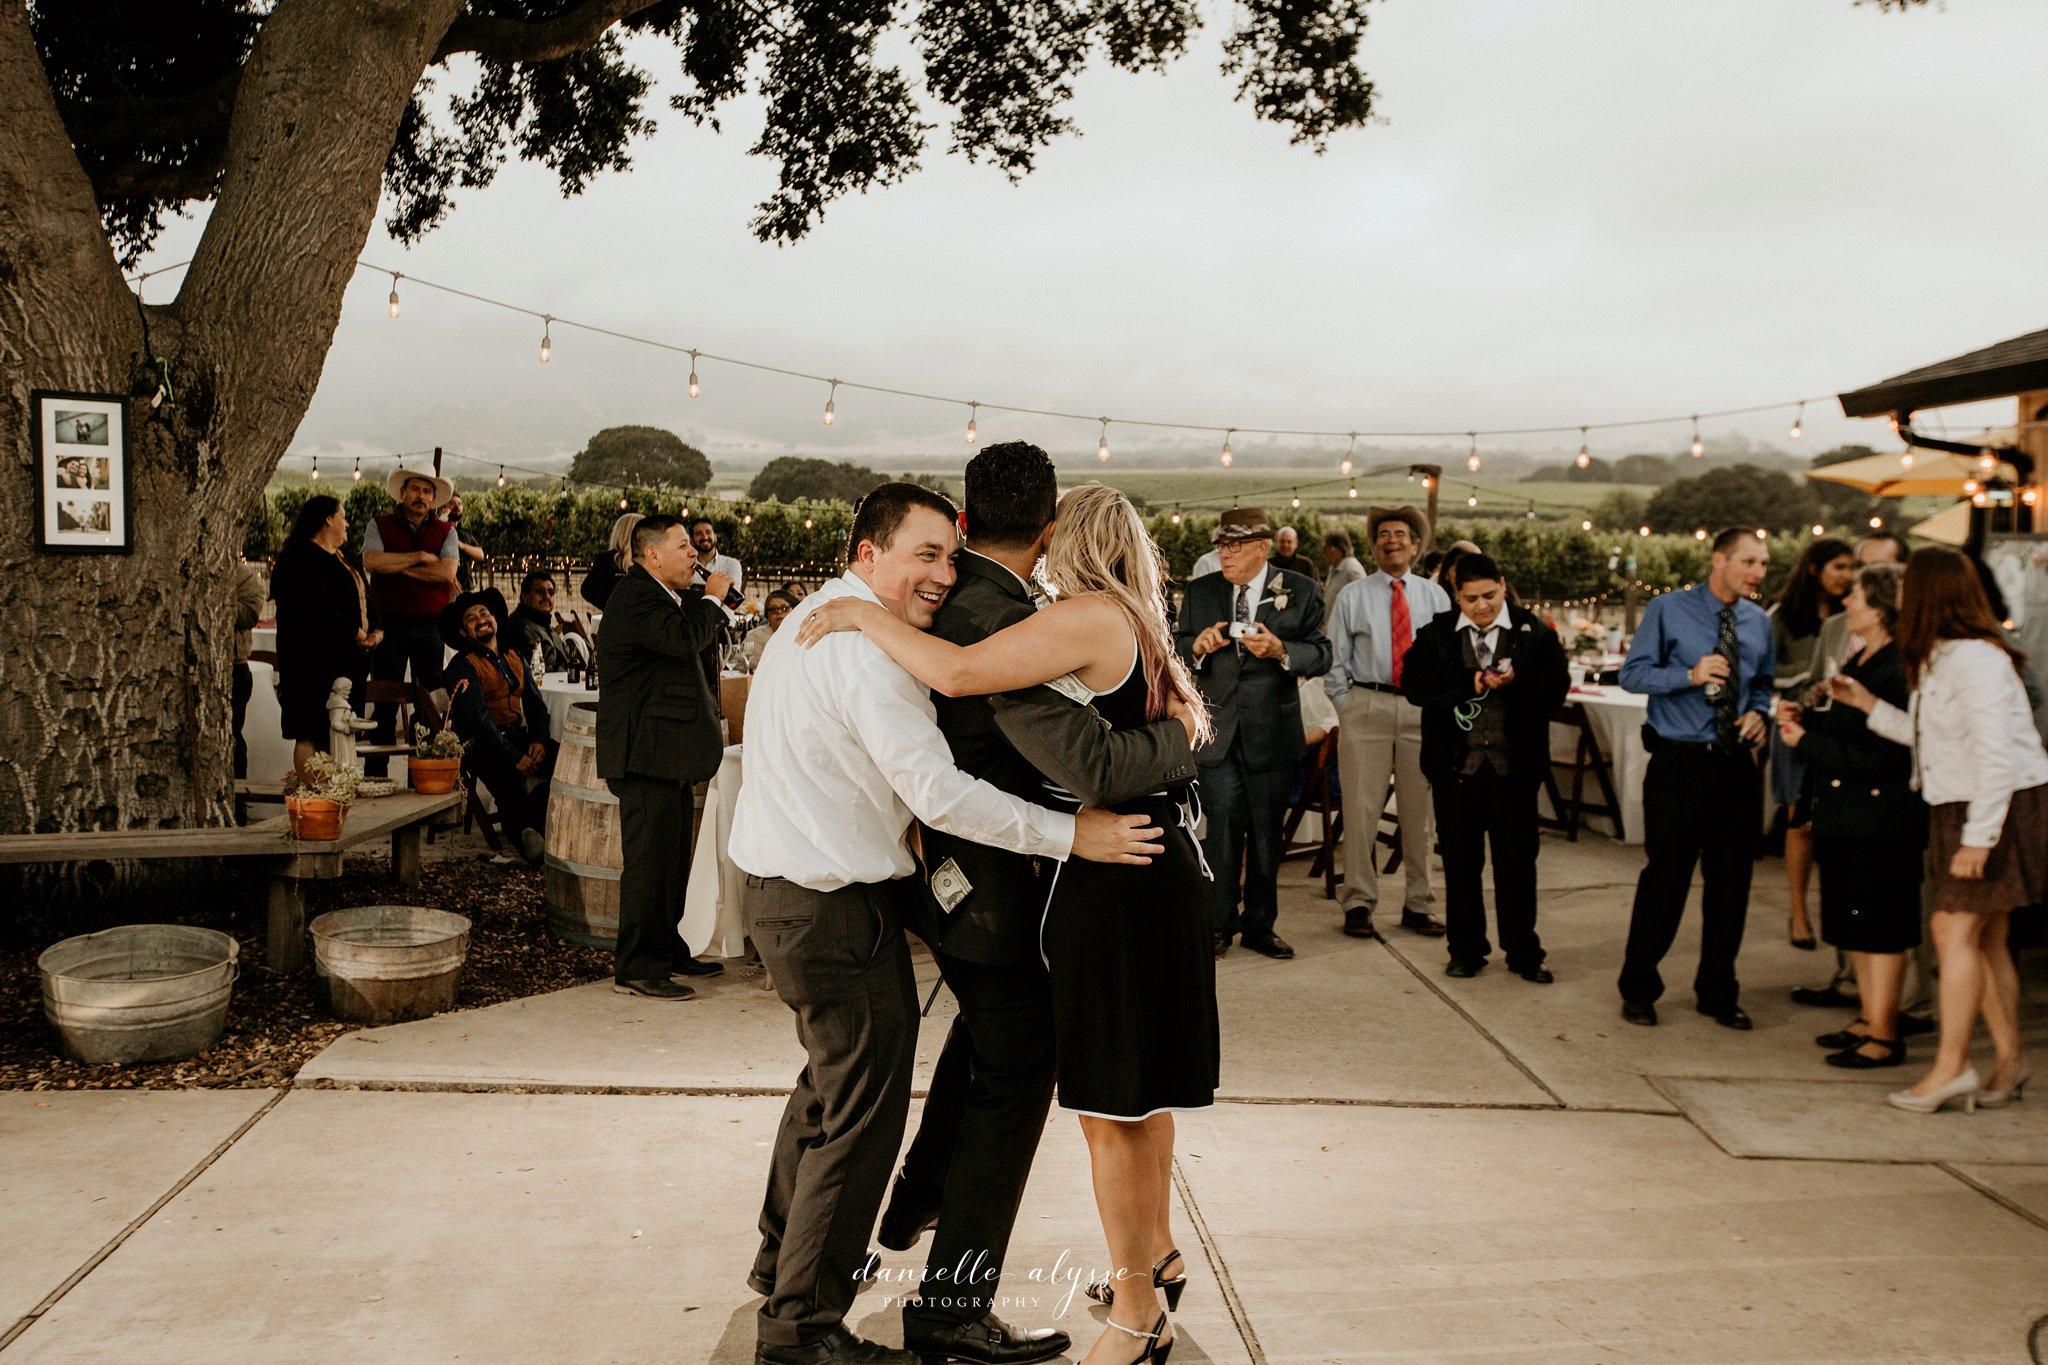 180630_wedding_lily_ryan_mission_soledad_california_danielle_alysse_photography_blog_1141_WEB.jpg